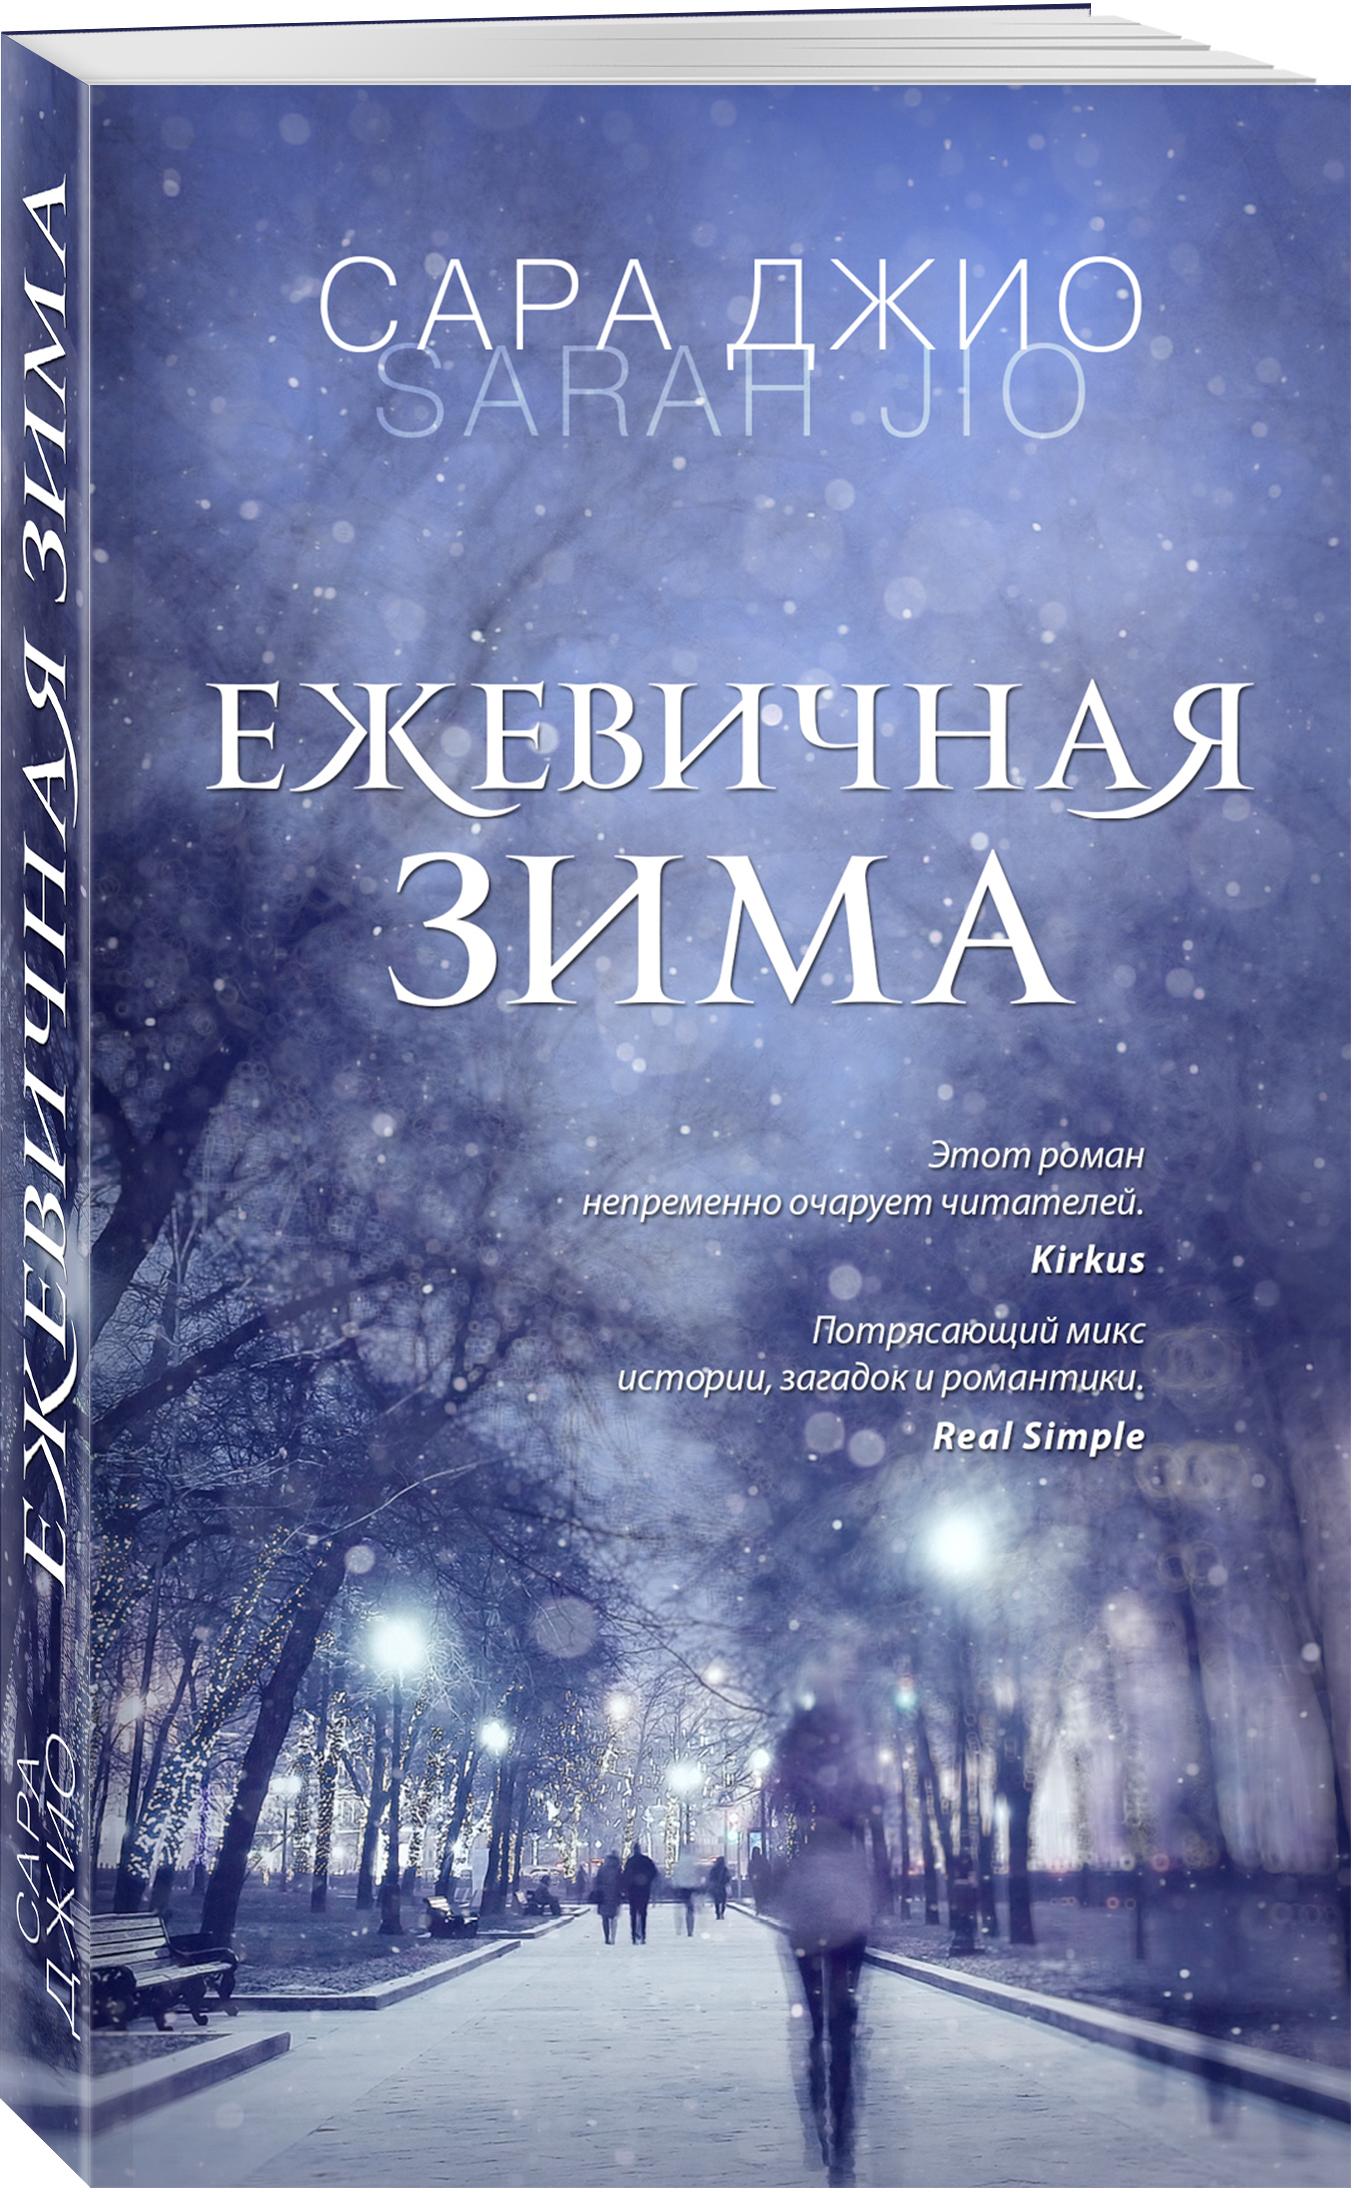 Джио С. Ежевичная зима белый город христианство культура история вера